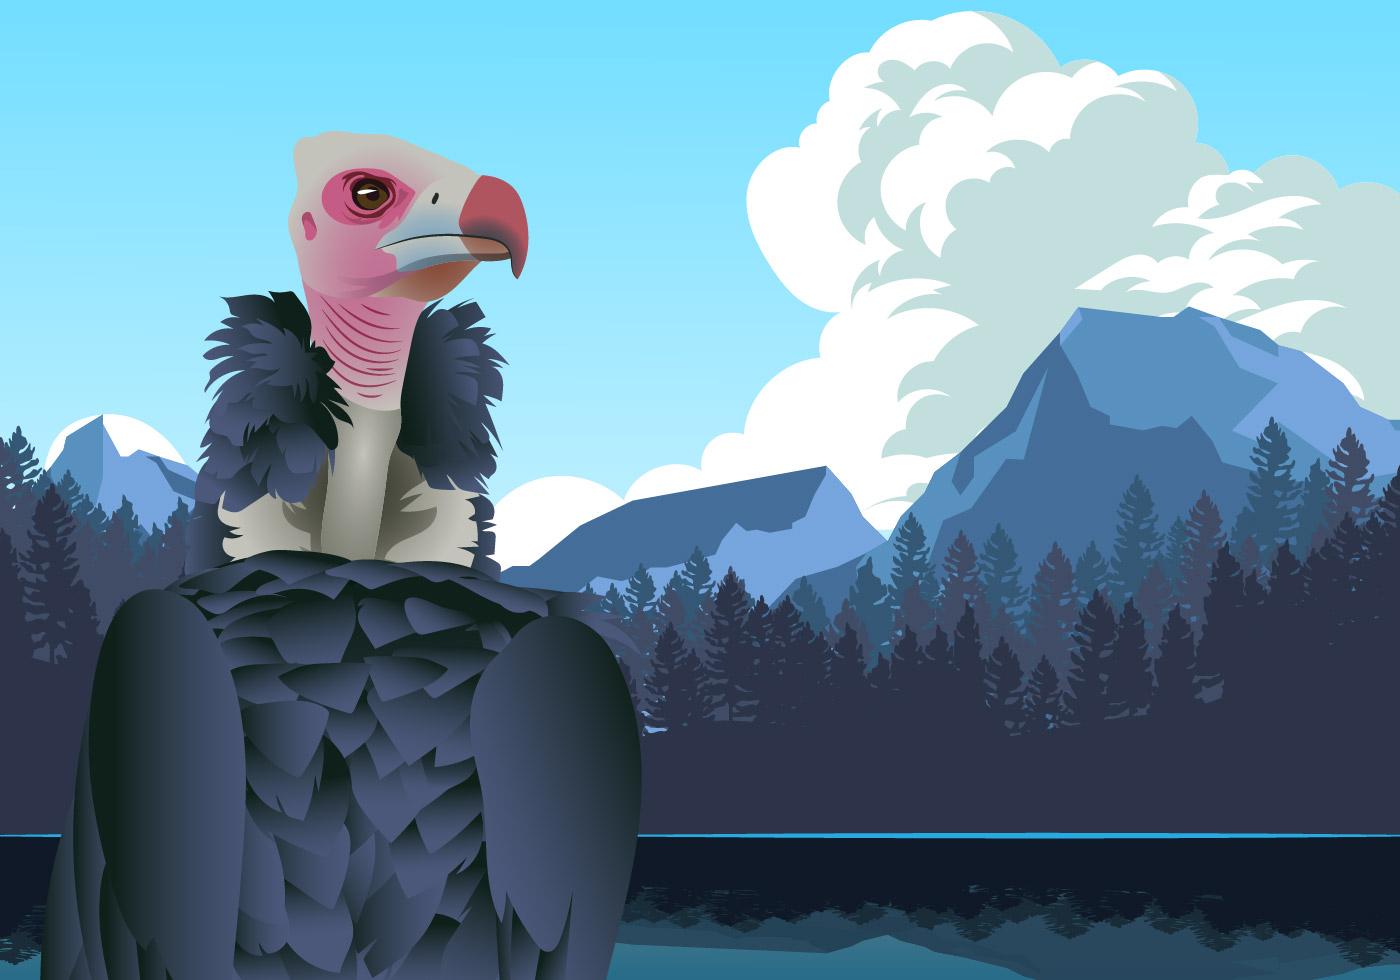 Andean Condor in Mountains Vector - Download Free Vectors ...